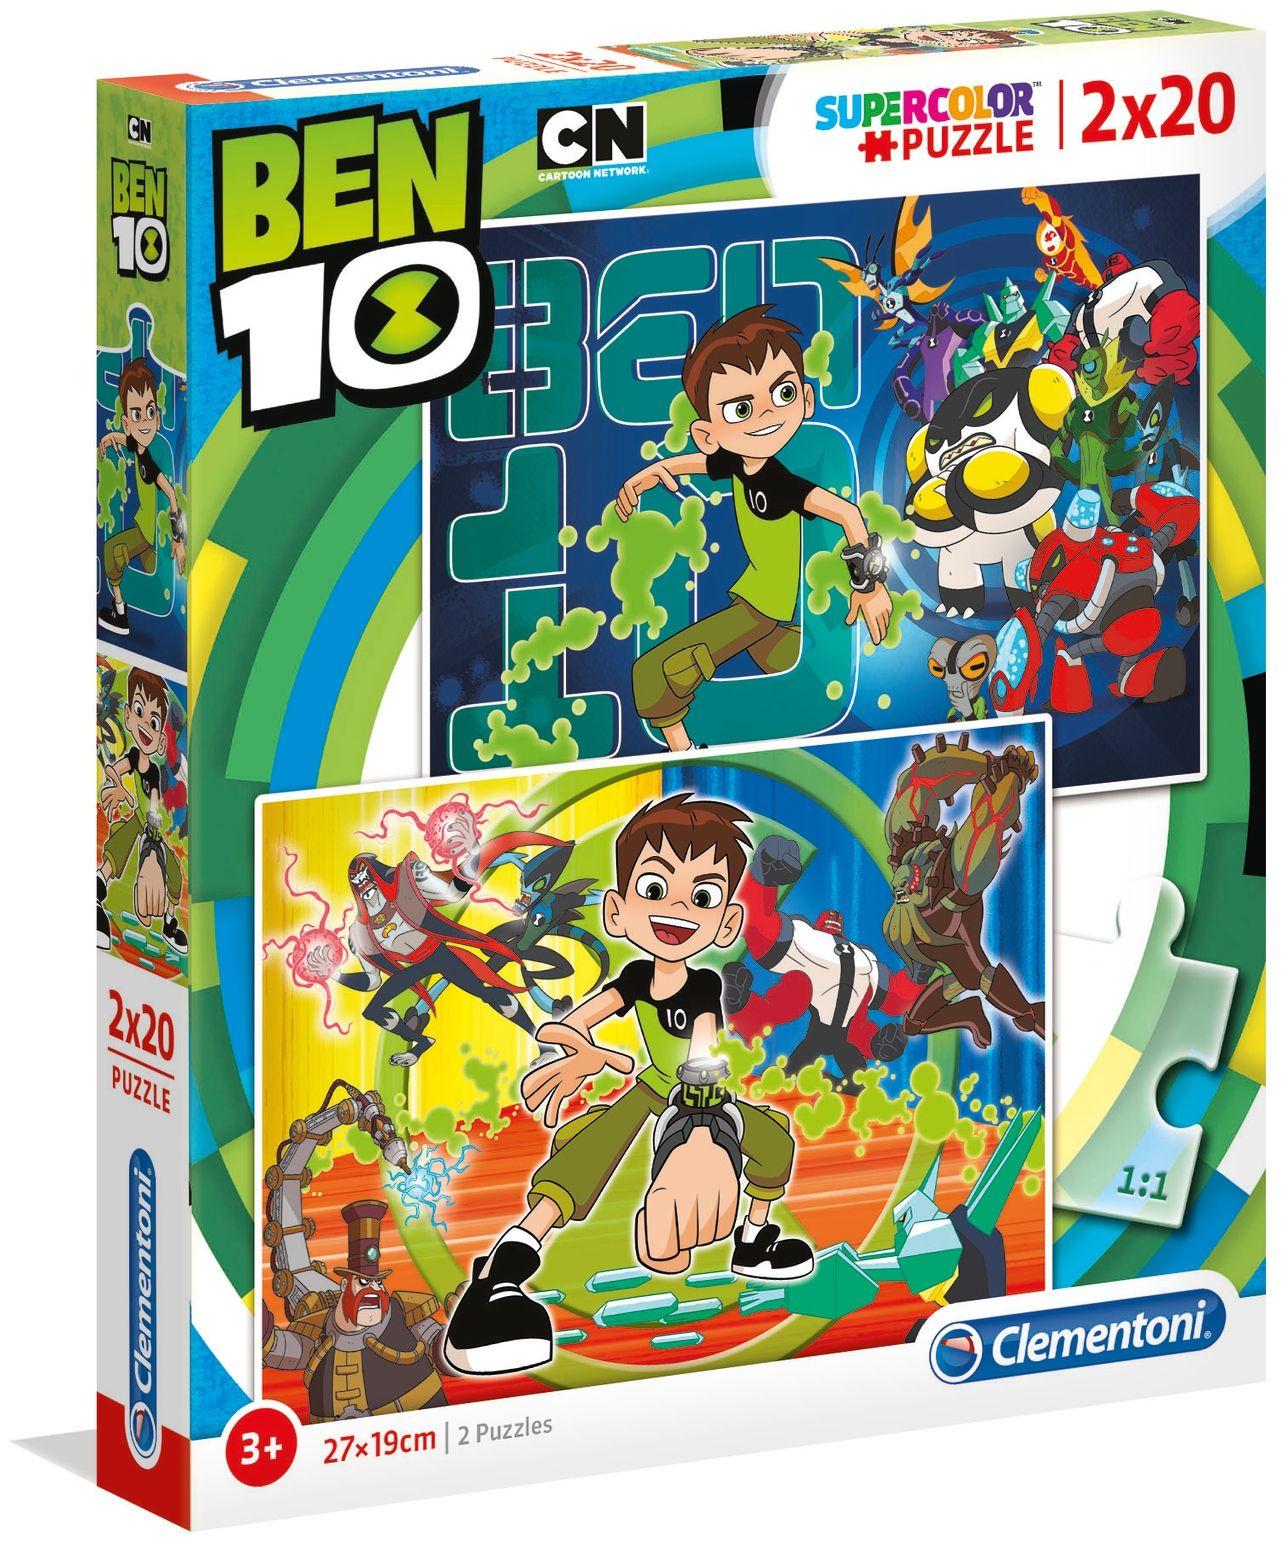 Пъзел Clementoni от 2 x 20 части - Бен 10 - 1